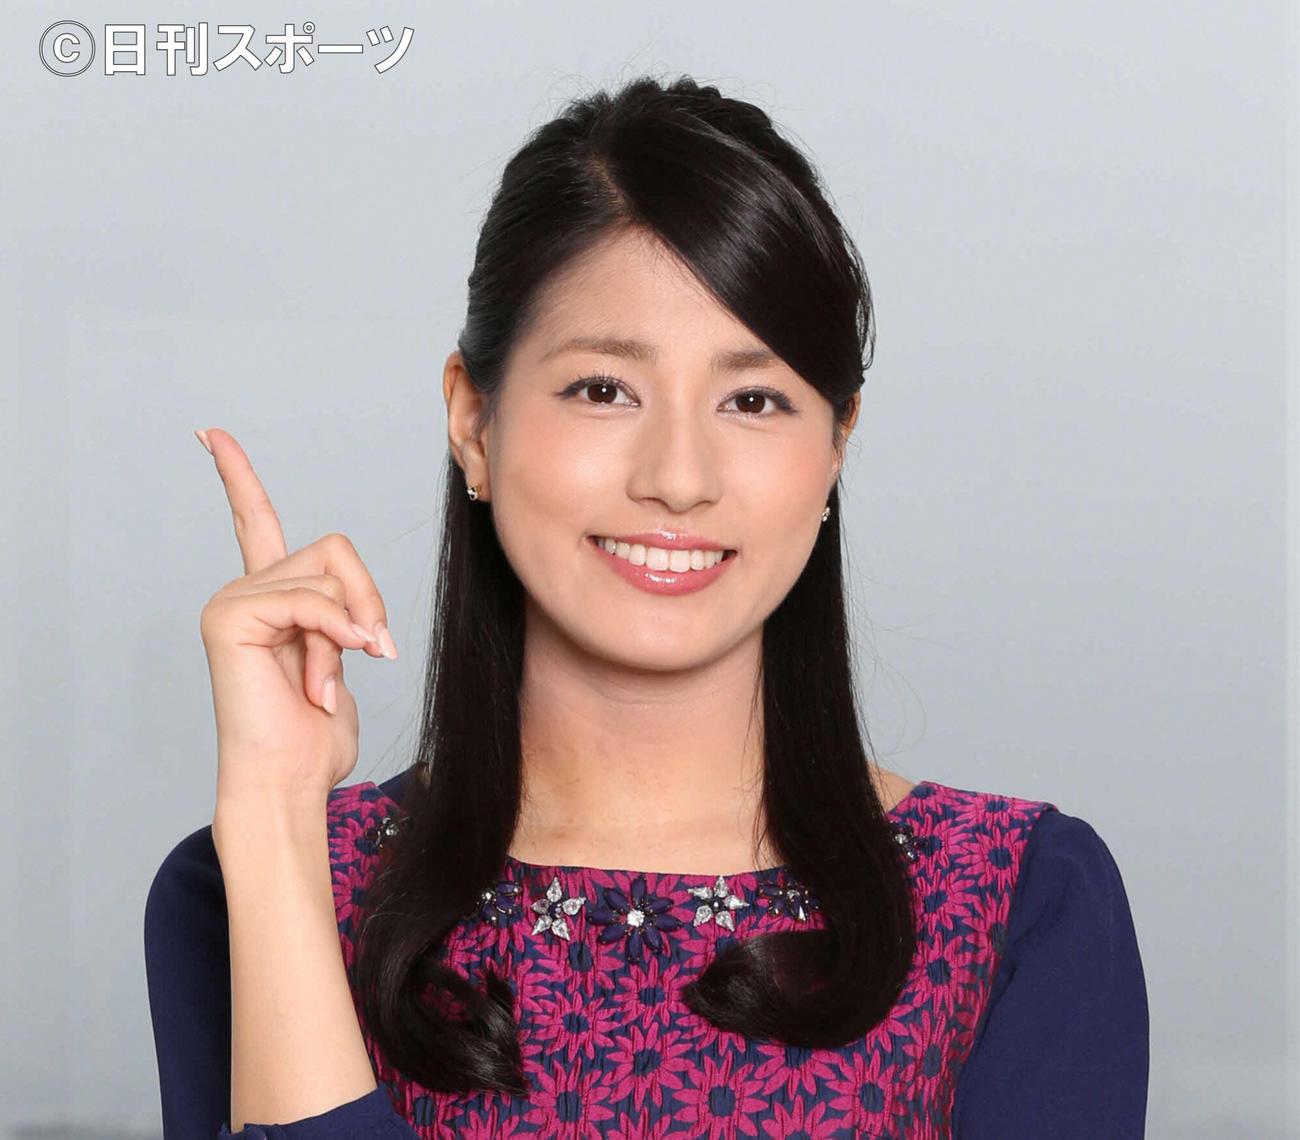 フジテレビの永島優美アナウンサー(14年10月撮影)